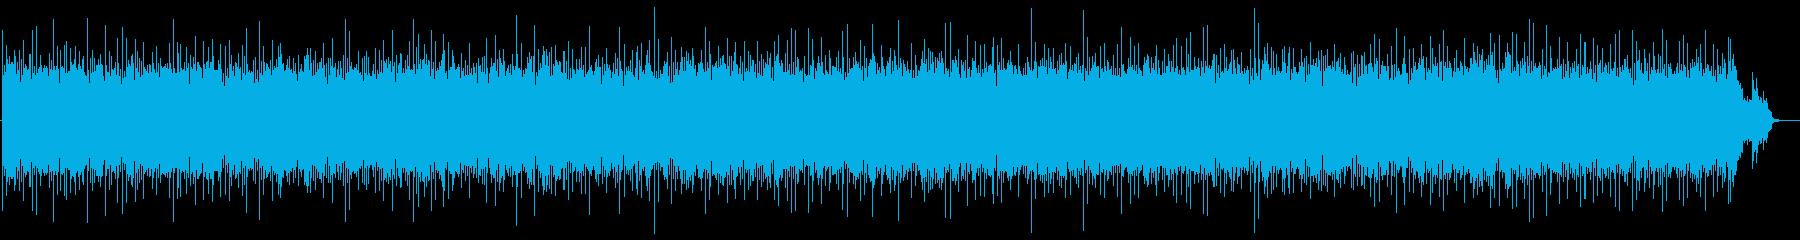 ロックなジャズの再生済みの波形